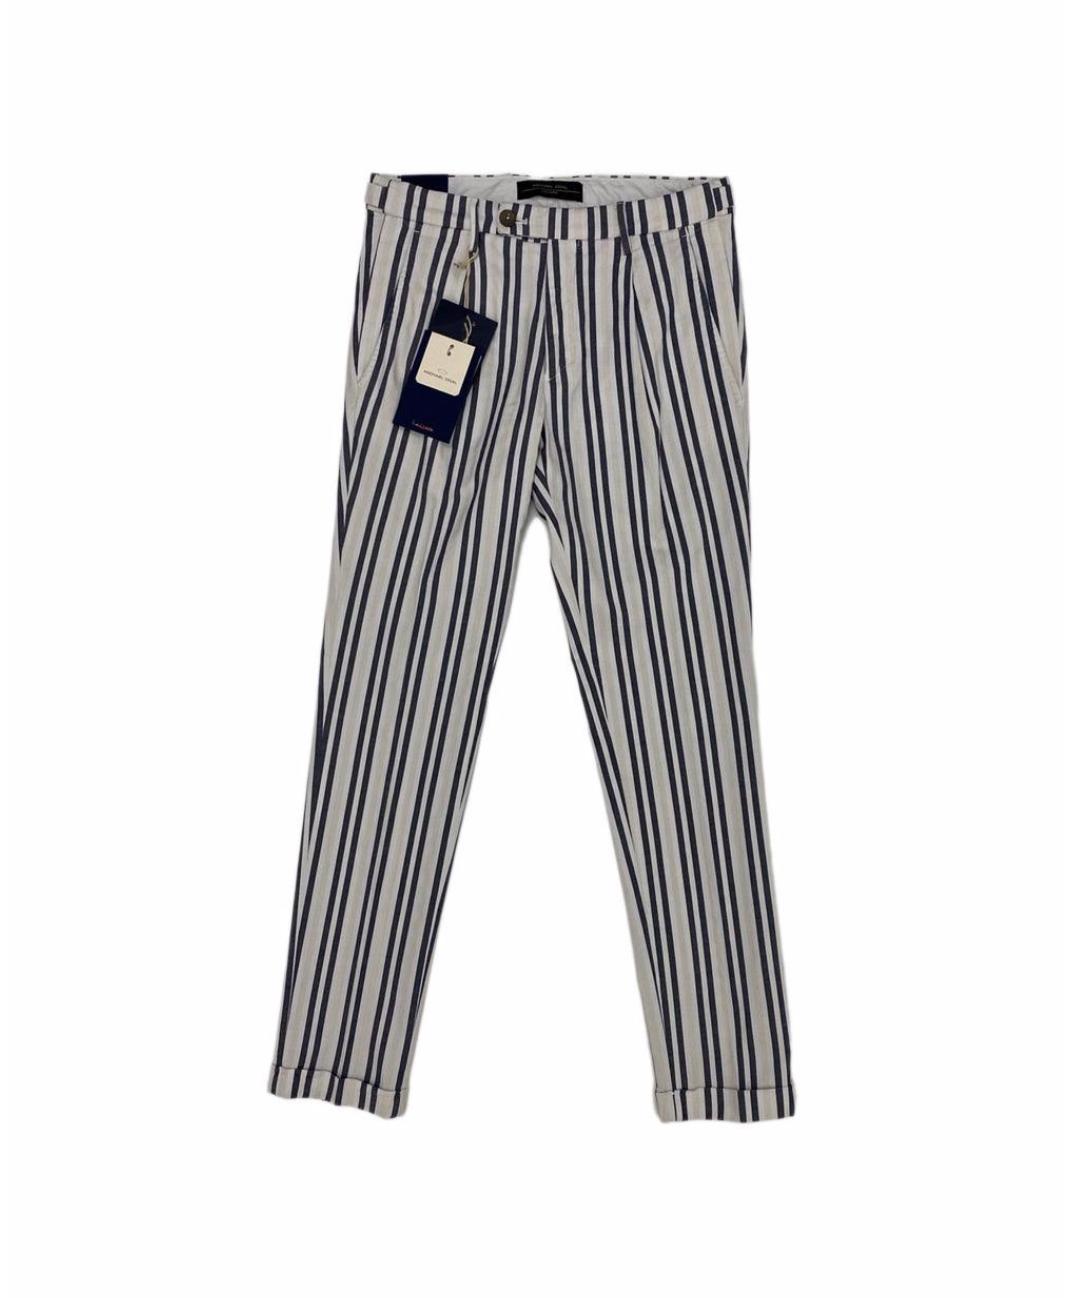 Pantalone a righe Michael Coal MICHAEL COAL   Pantalone   FREDERICK2683W282